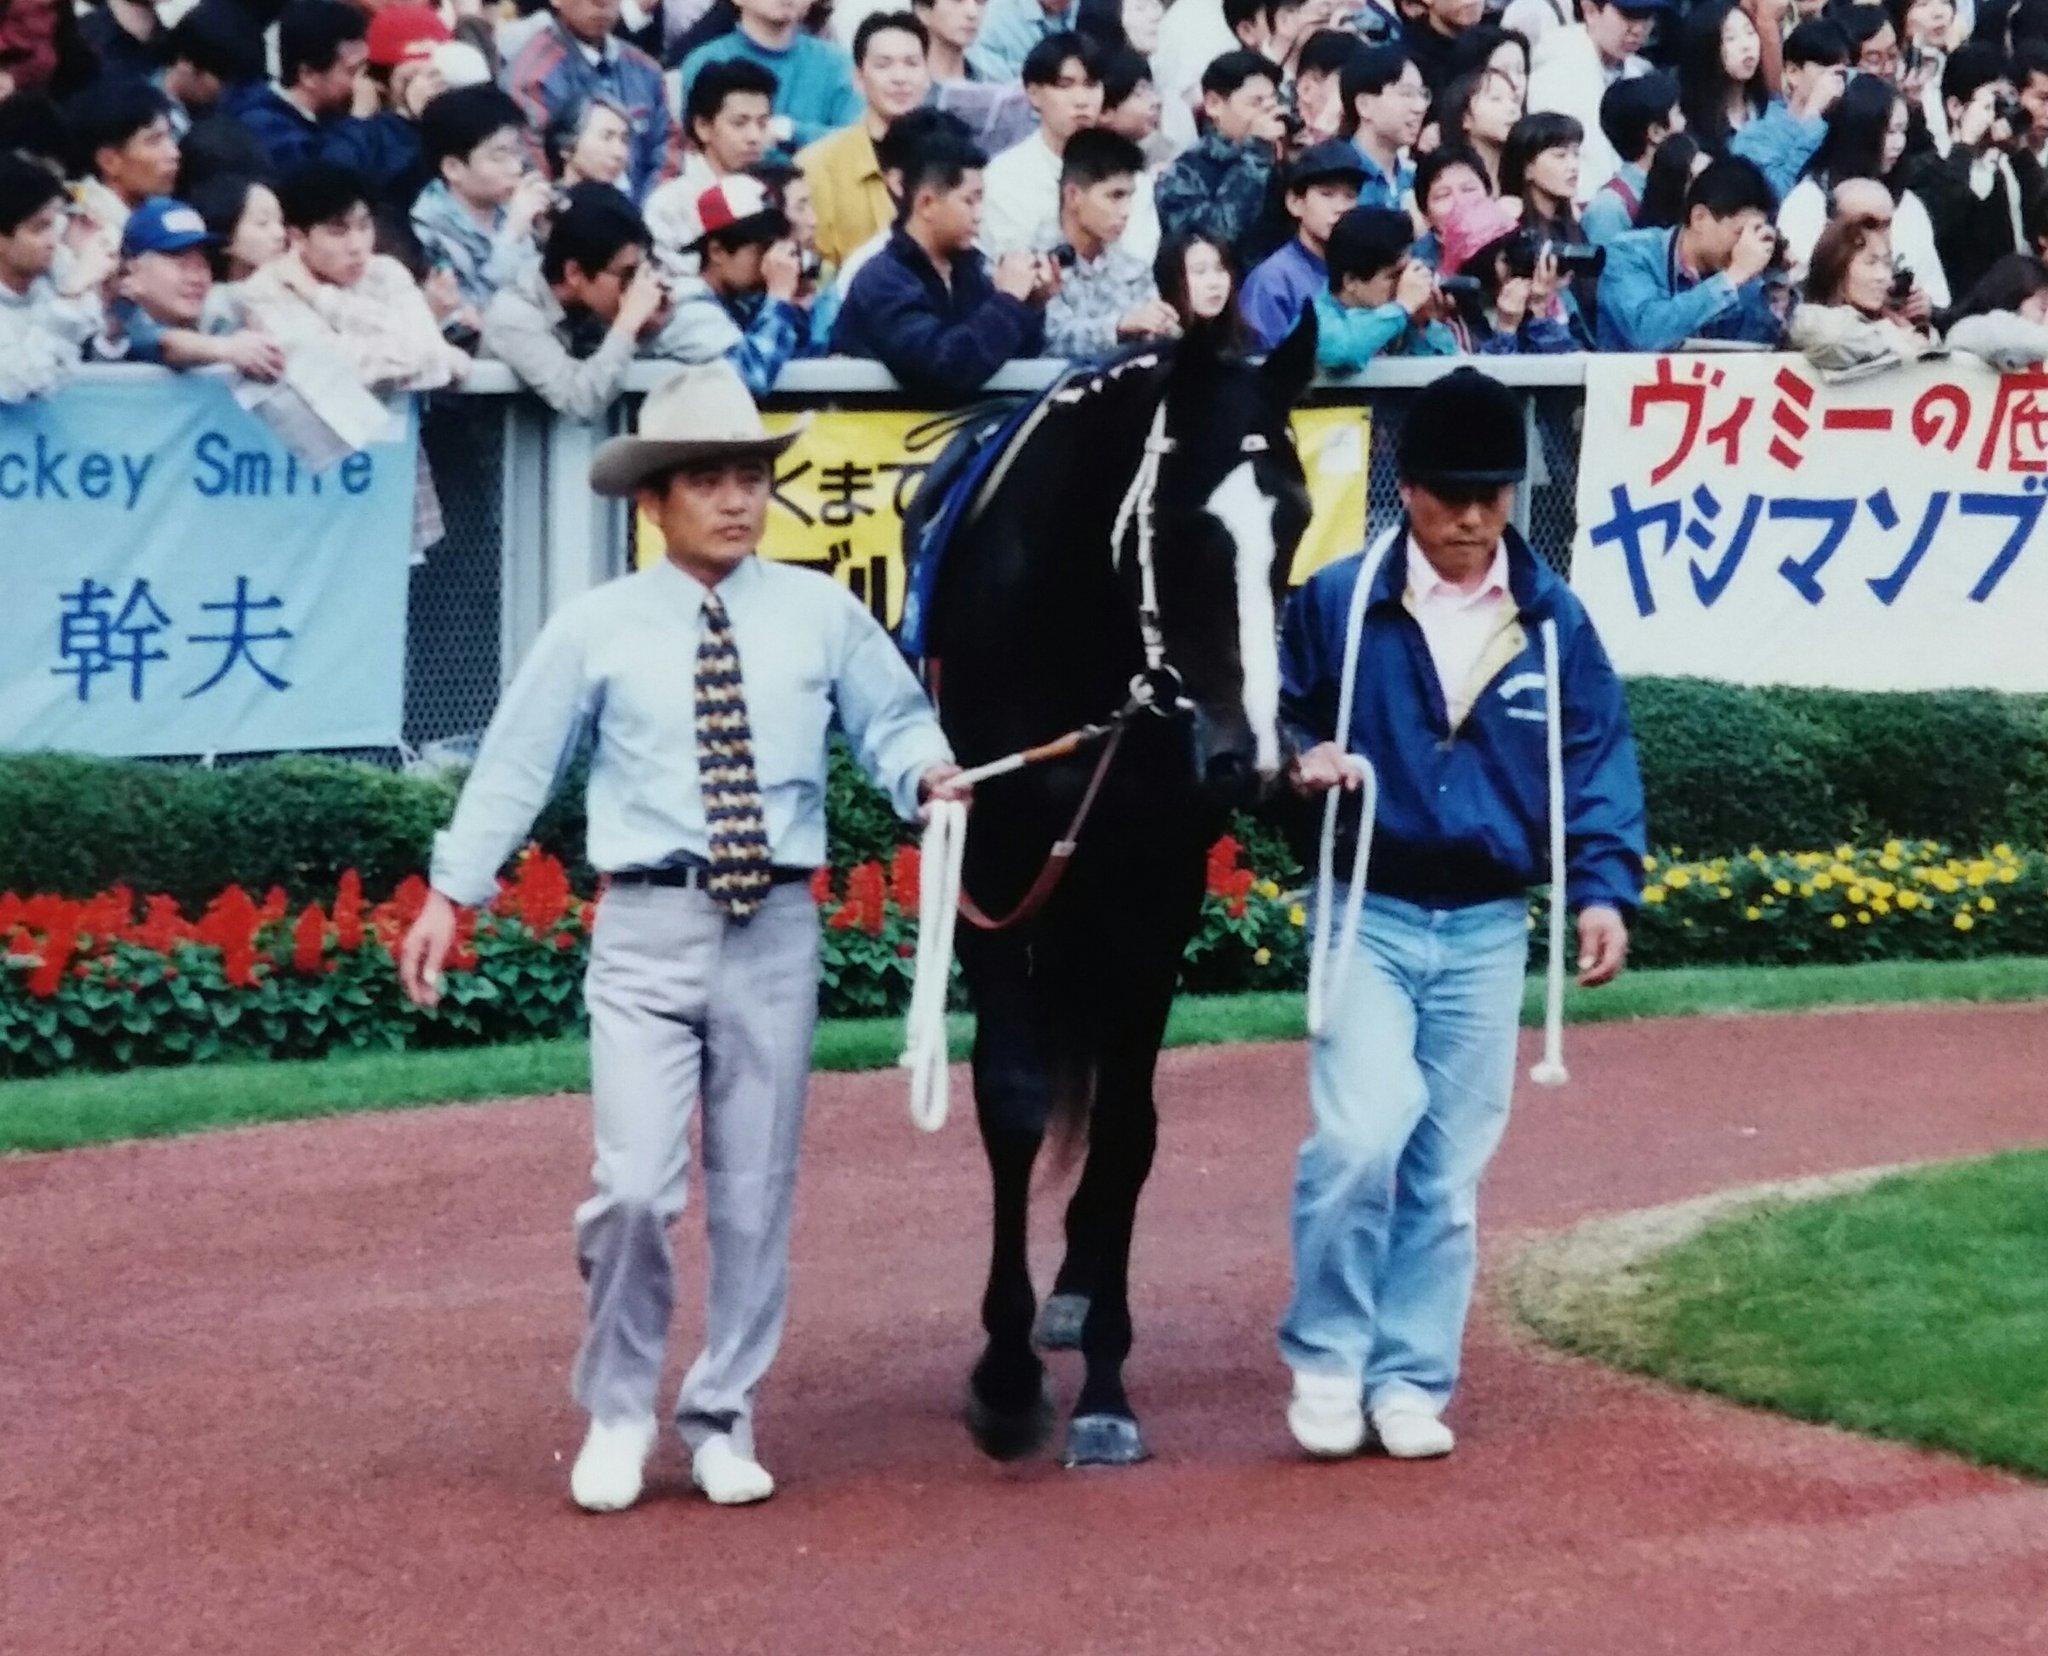 サクラチトセオーにトロワゼトワル……京成杯AHで、ハンデを味方につけた馬、跳ね除けた馬。